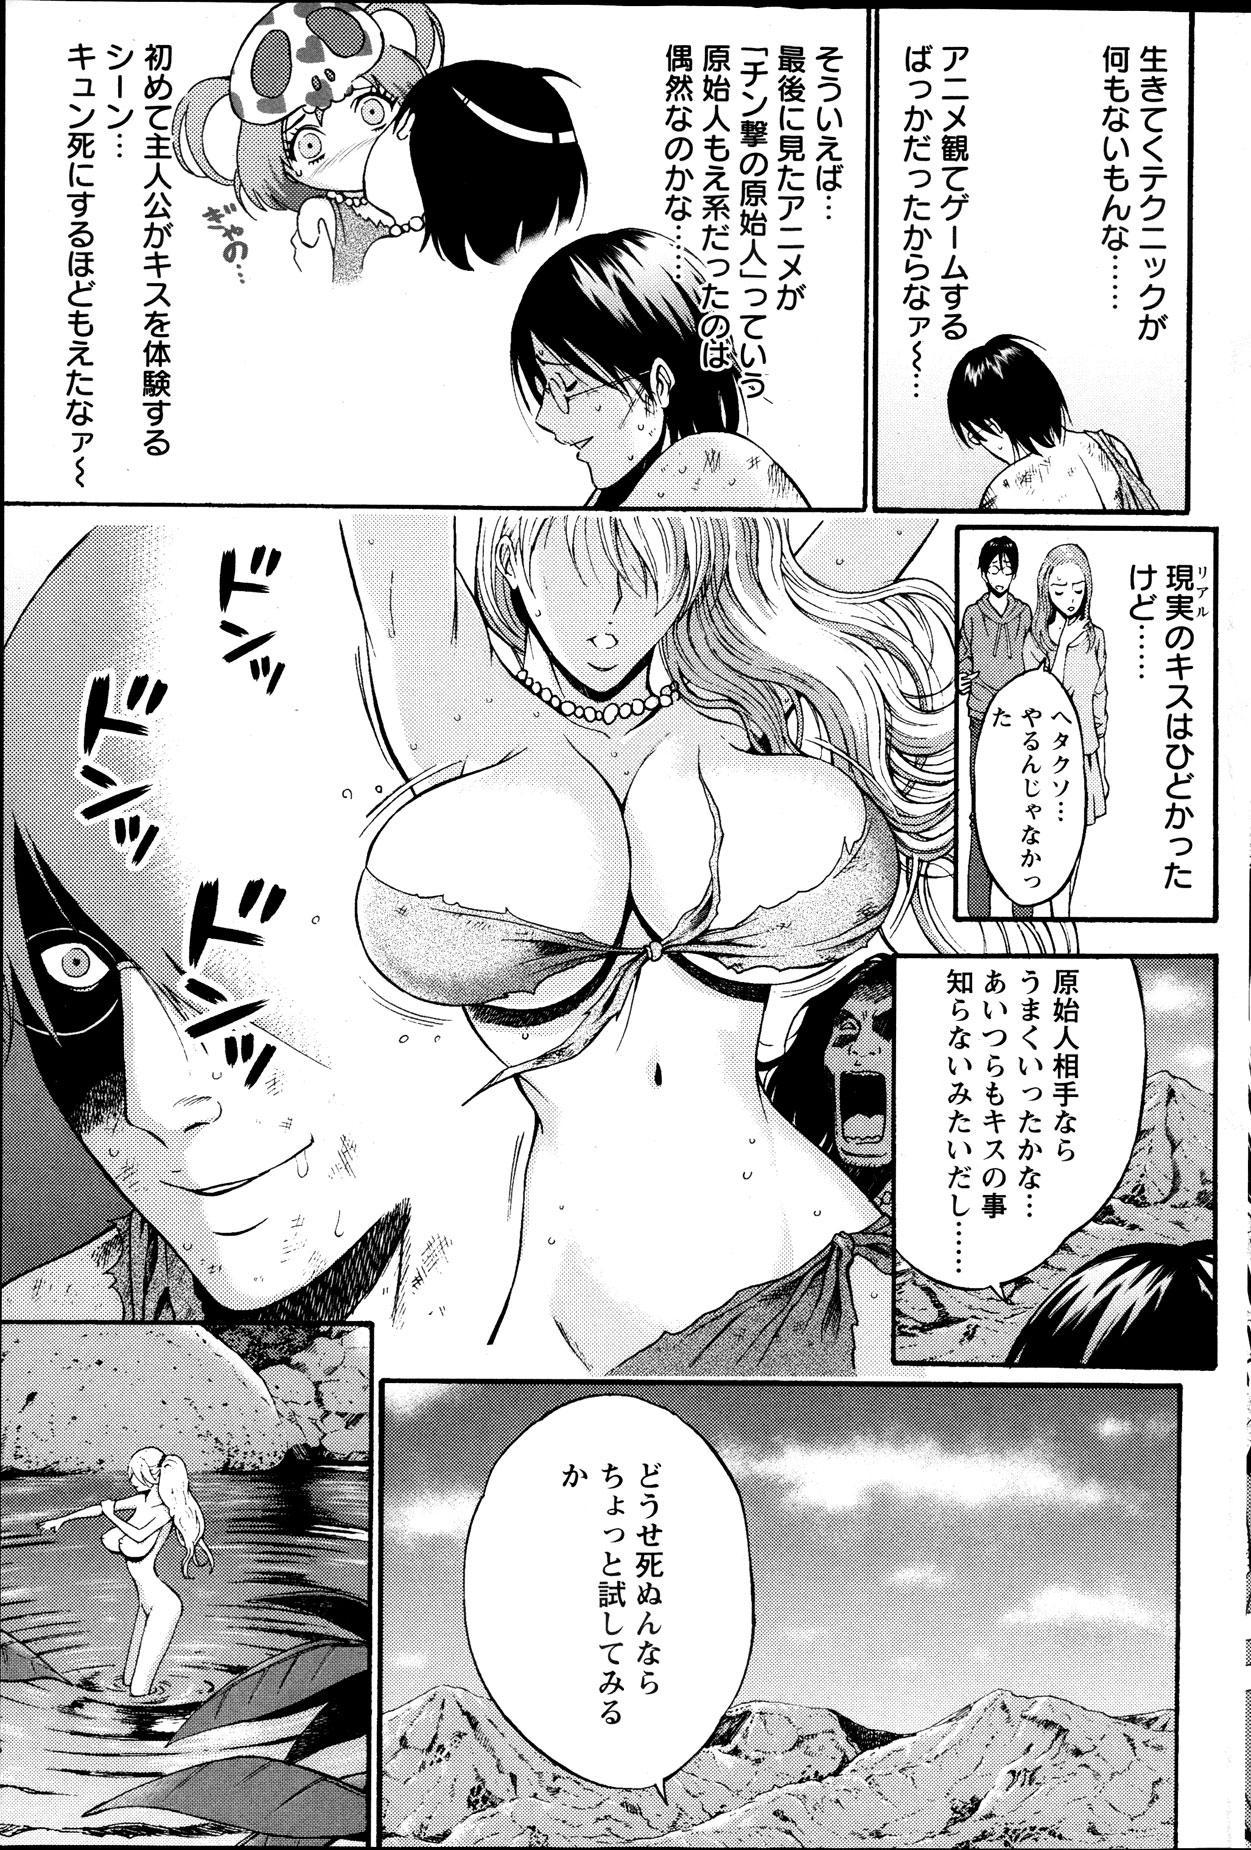 Kigenzen 10000 Nen no Ota Ch. 1-14 29